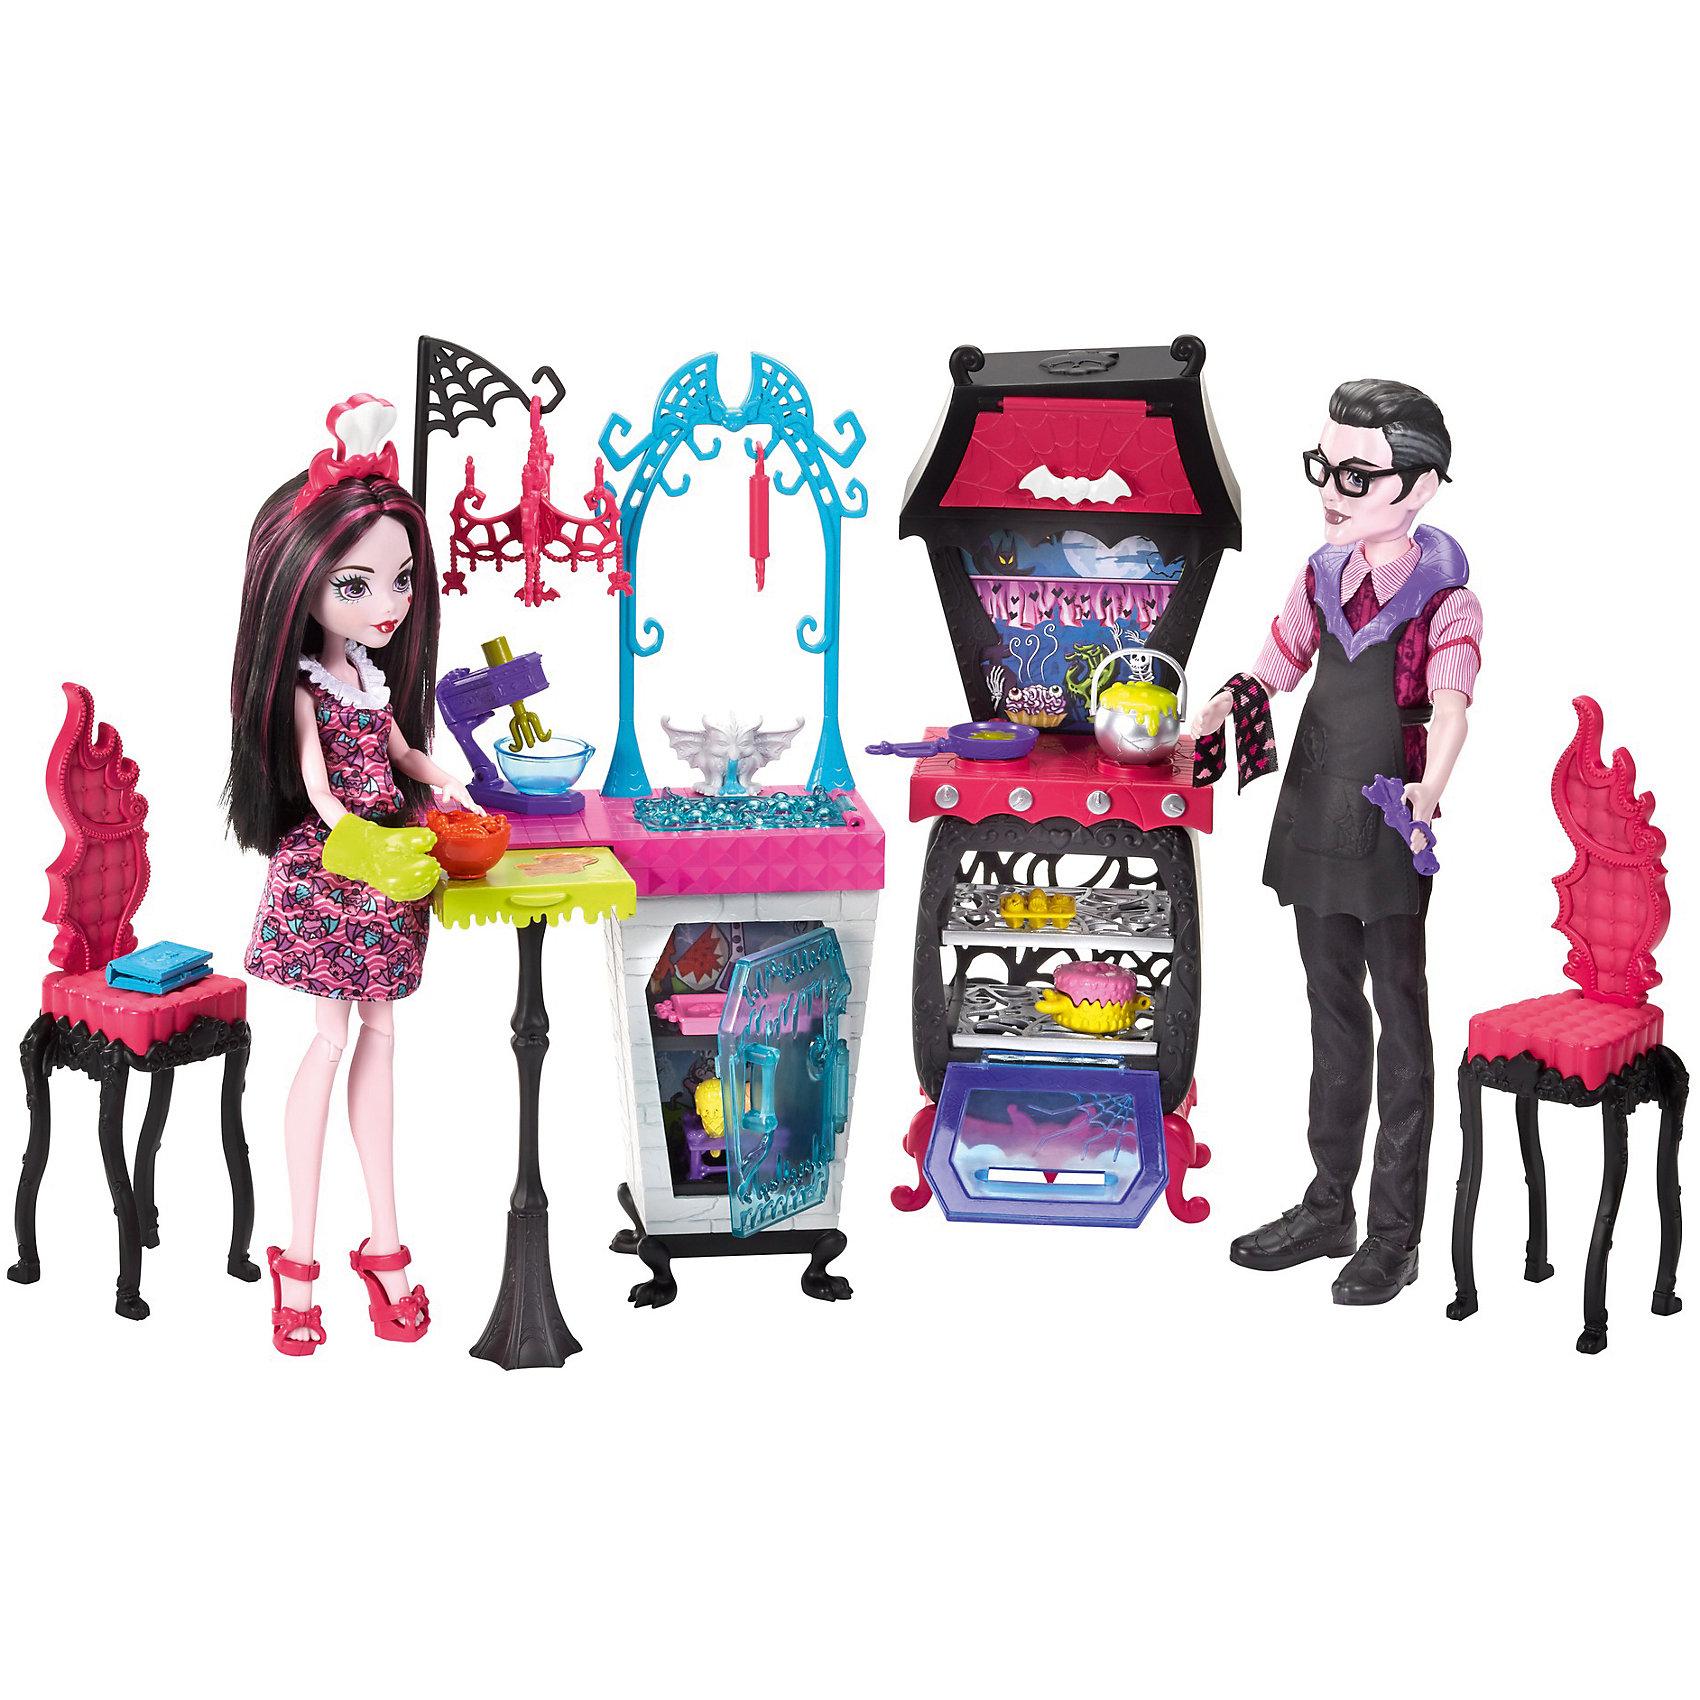 Игровой набор Monster High Семья Дракулауры из серии Семья МонстриковНаборы кукол<br>Характеристики товара:<br><br>• возраст: от 6 лет<br>• материал: пластик;<br>• высота кукол: 28-30 см<br>• аксессуары в комплекте<br>• размер упаковки: 32,5X35X6 см<br>• страна бренда: США<br><br>Дракулаура™ и ее отец Дракула готовятся к пиршеству. Для приготовления различных блюд у них есть холодильник, плита с духовкой и?множество аксессуаров! <br><br>Сковородка и?горшок побулькивают на огне. В духовке можно испечь сладости для десерта: большой торт, маффины или розовый противень вкусняшек. <br><br>На ручке висит полотенце, украшенное летучими мышами. На кухне есть раковина, а под ней — мини-холодильник. Рядом рабочая поверхность, которую можно превратить в?стол.<br><br>Игровой набор Monster High Семья Дракулауры из серии Семья Монстриков можно купить в нашем интернет-магазине.<br><br>Ширина мм: 325<br>Глубина мм: 100<br>Высота мм: 485<br>Вес г: 900<br>Возраст от месяцев: 72<br>Возраст до месяцев: 2147483647<br>Пол: Женский<br>Возраст: Детский<br>SKU: 7014674